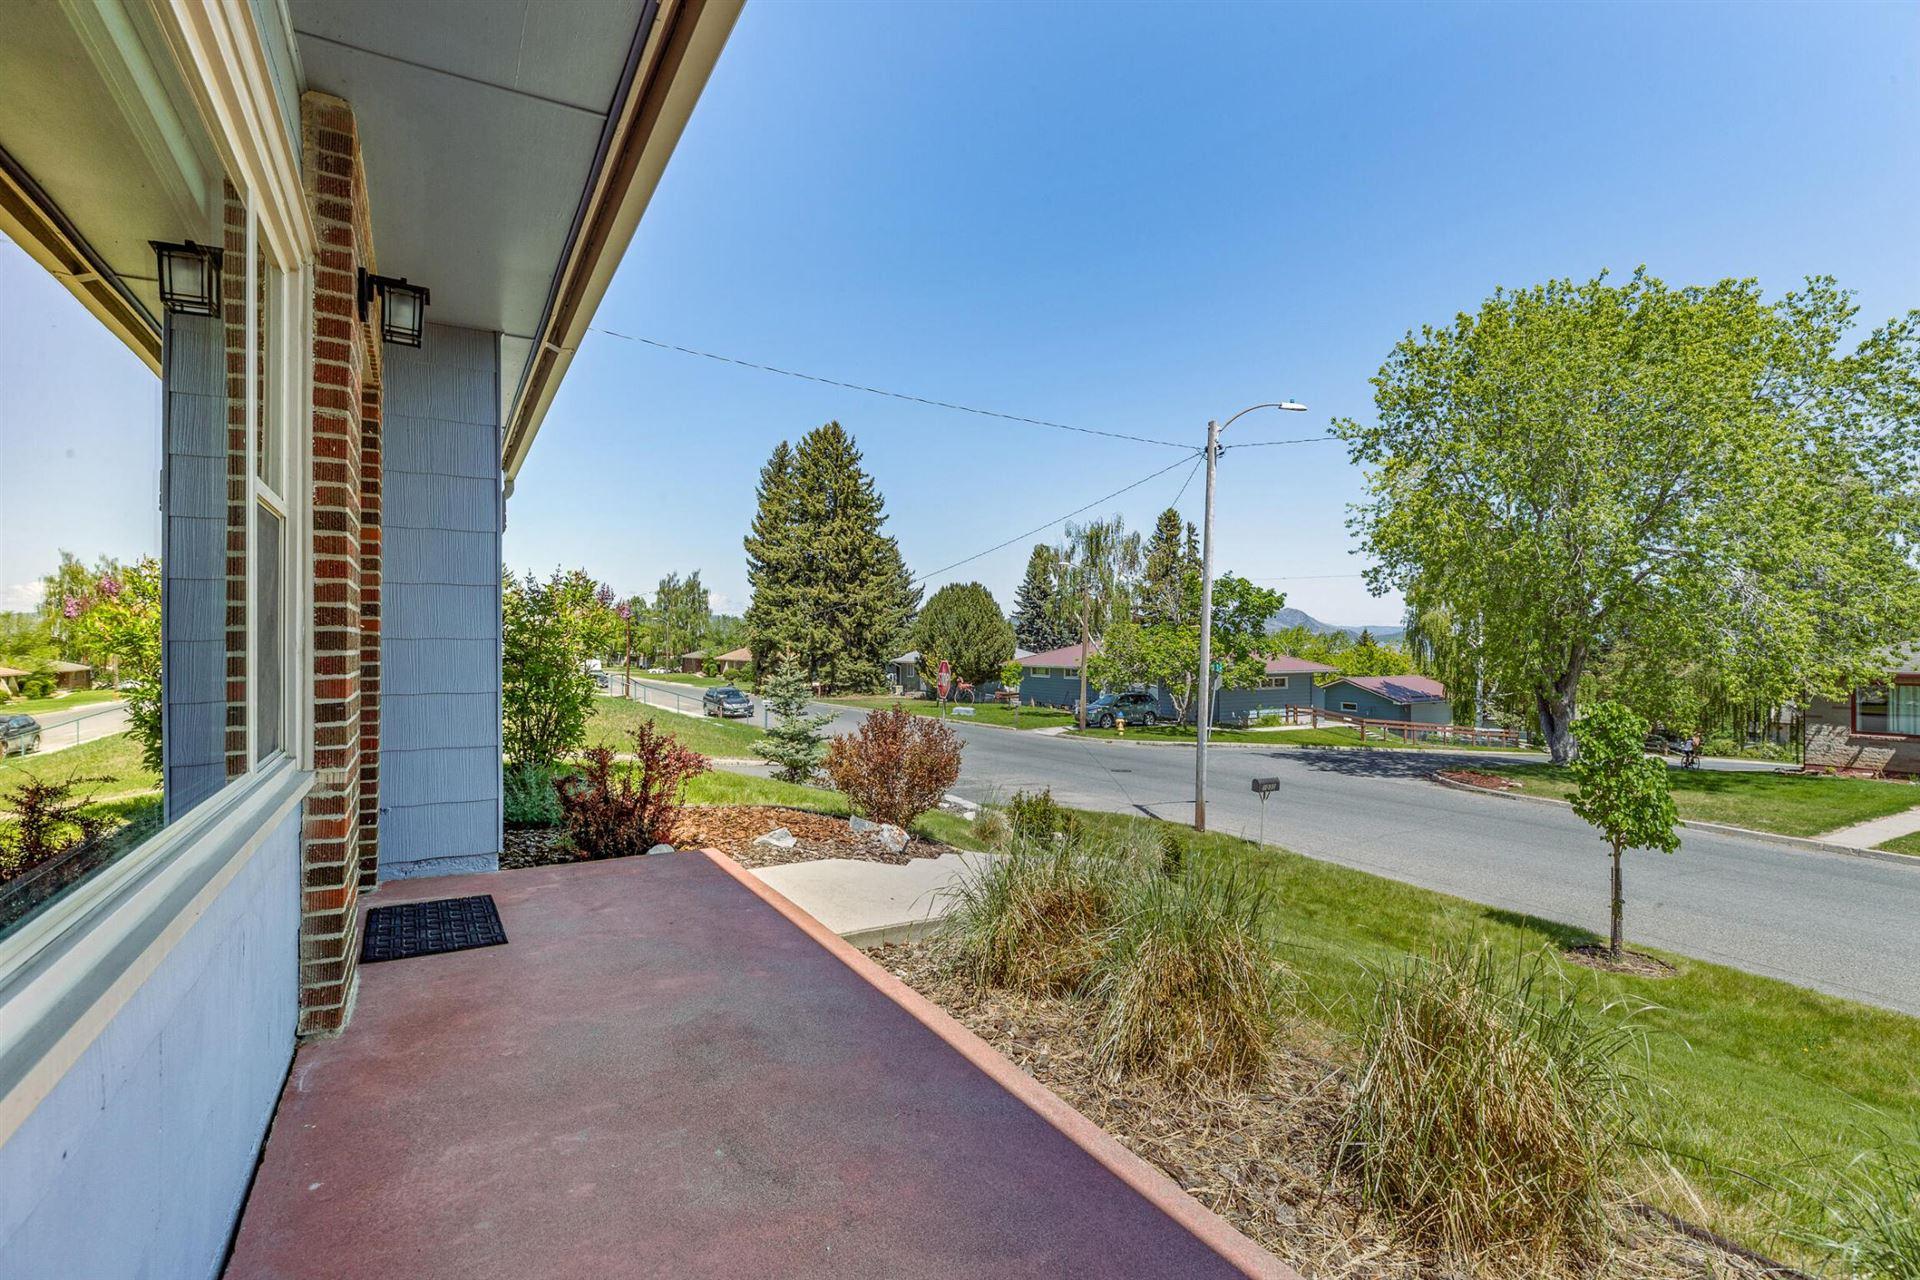 Photo of 1031 Hauser Boulevard, Helena, MT 59601 (MLS # 22108844)